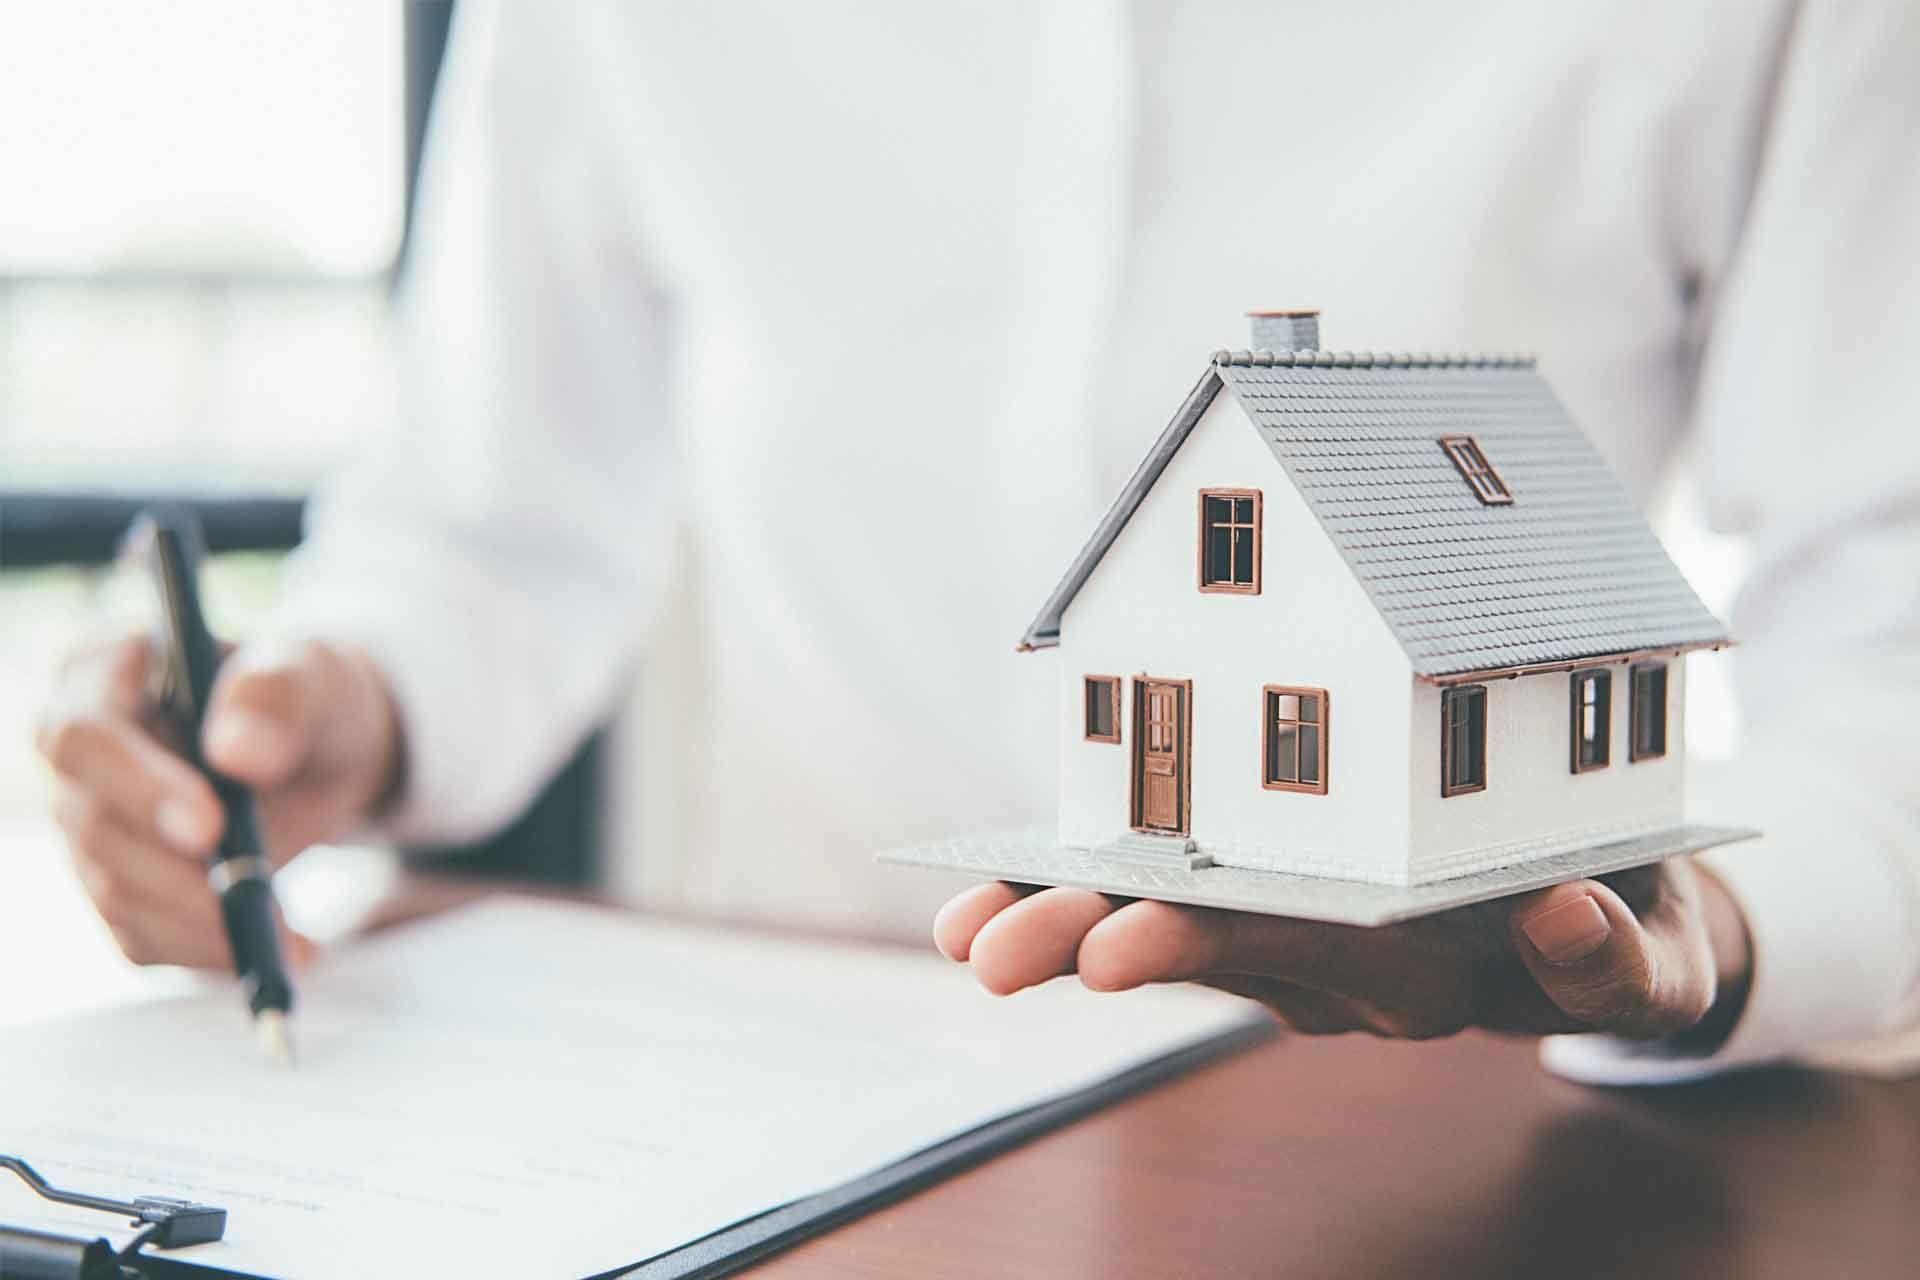 omparador de hipotecas